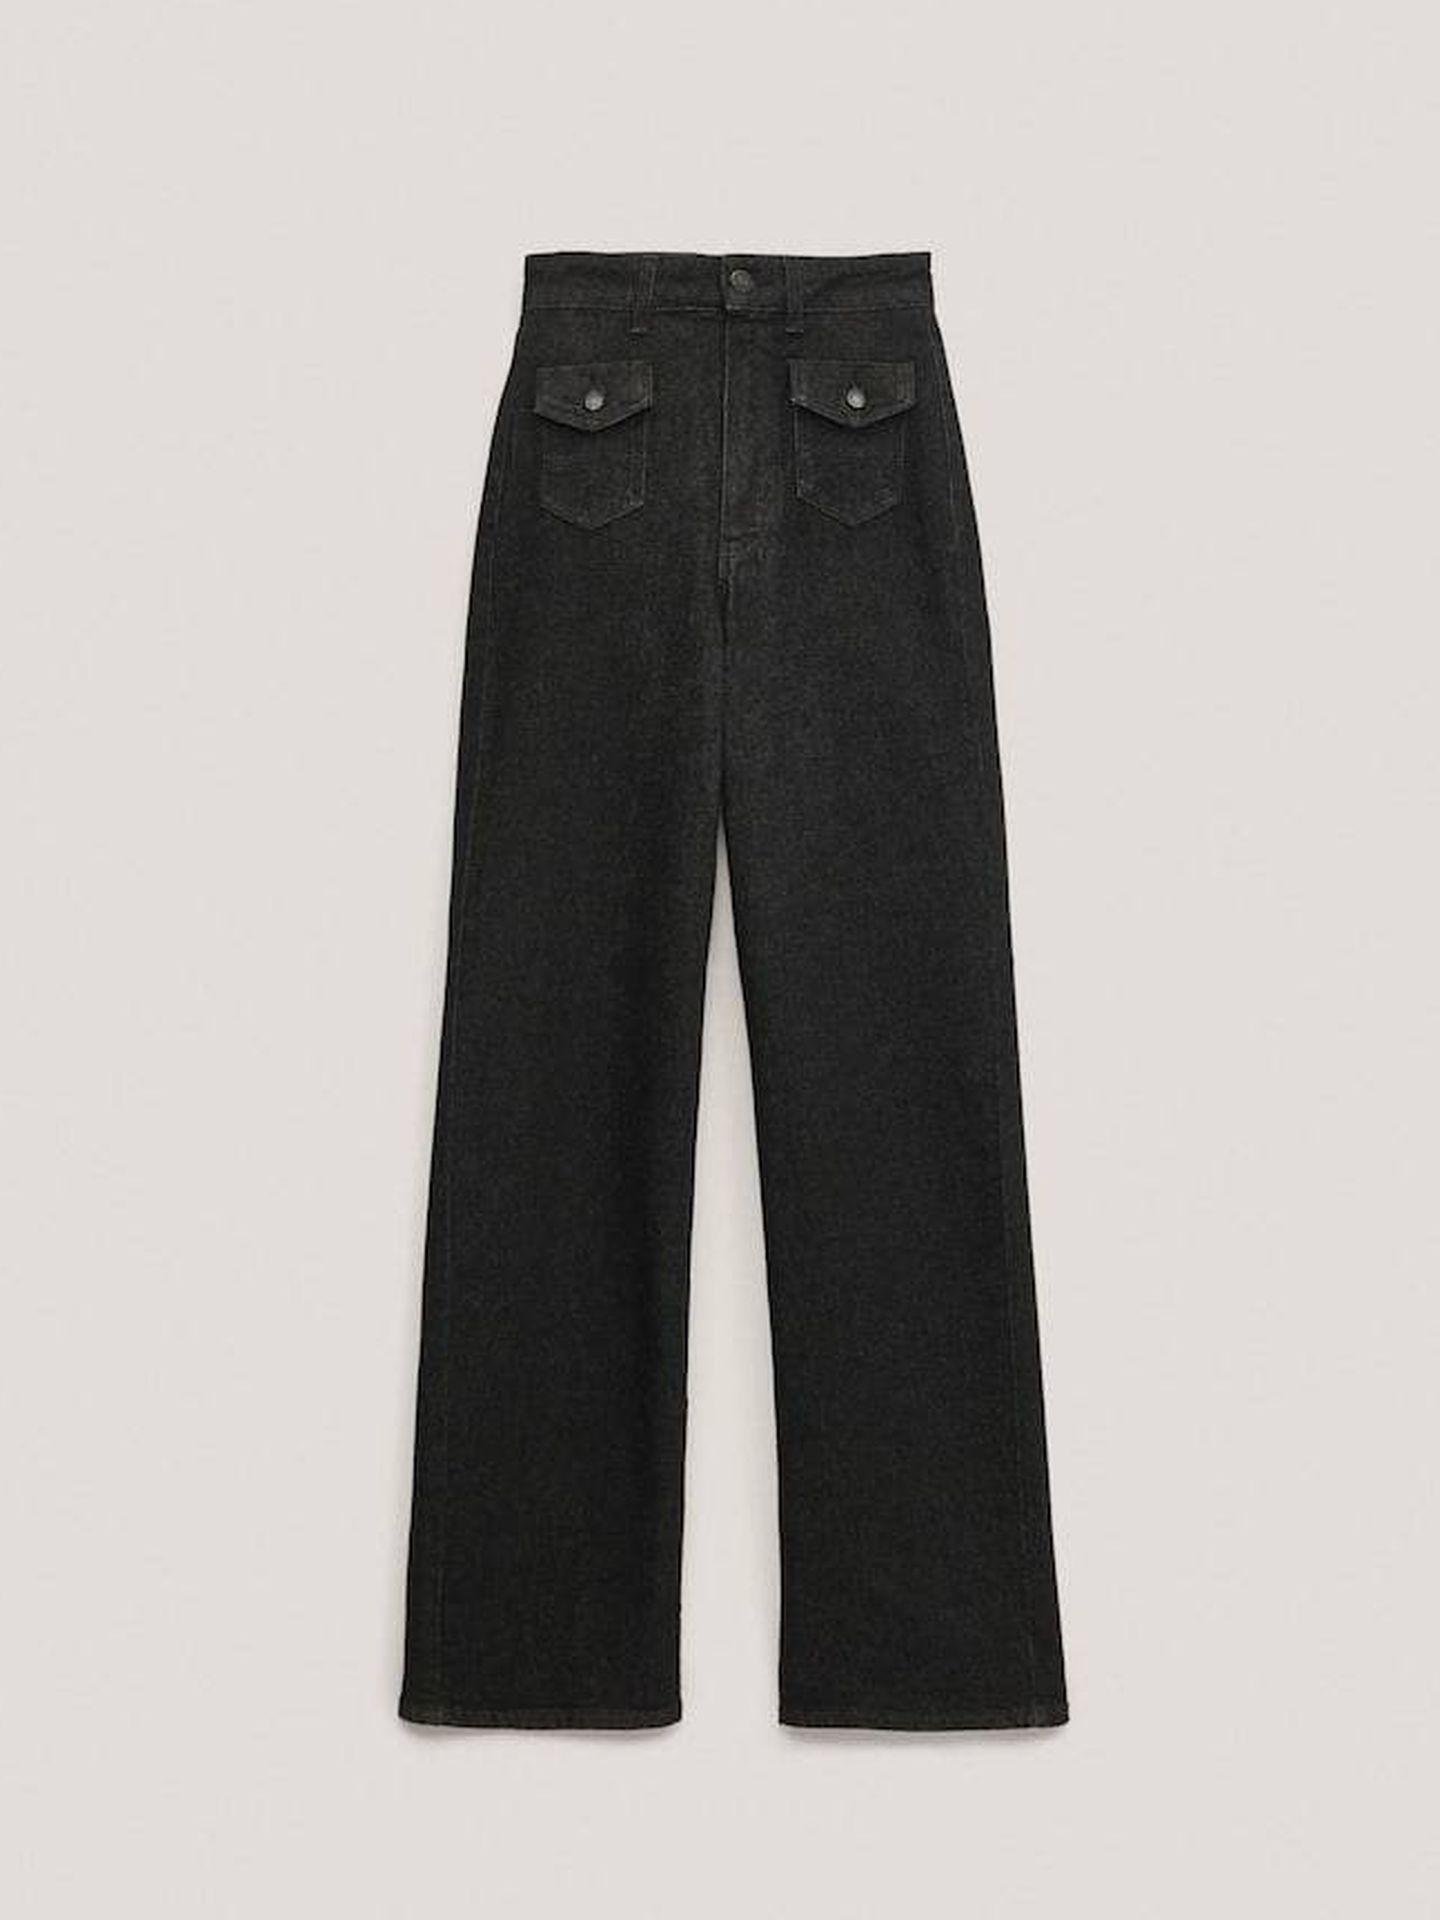 Pantalón vaquero de Massimo Dutti. (Cortesía)